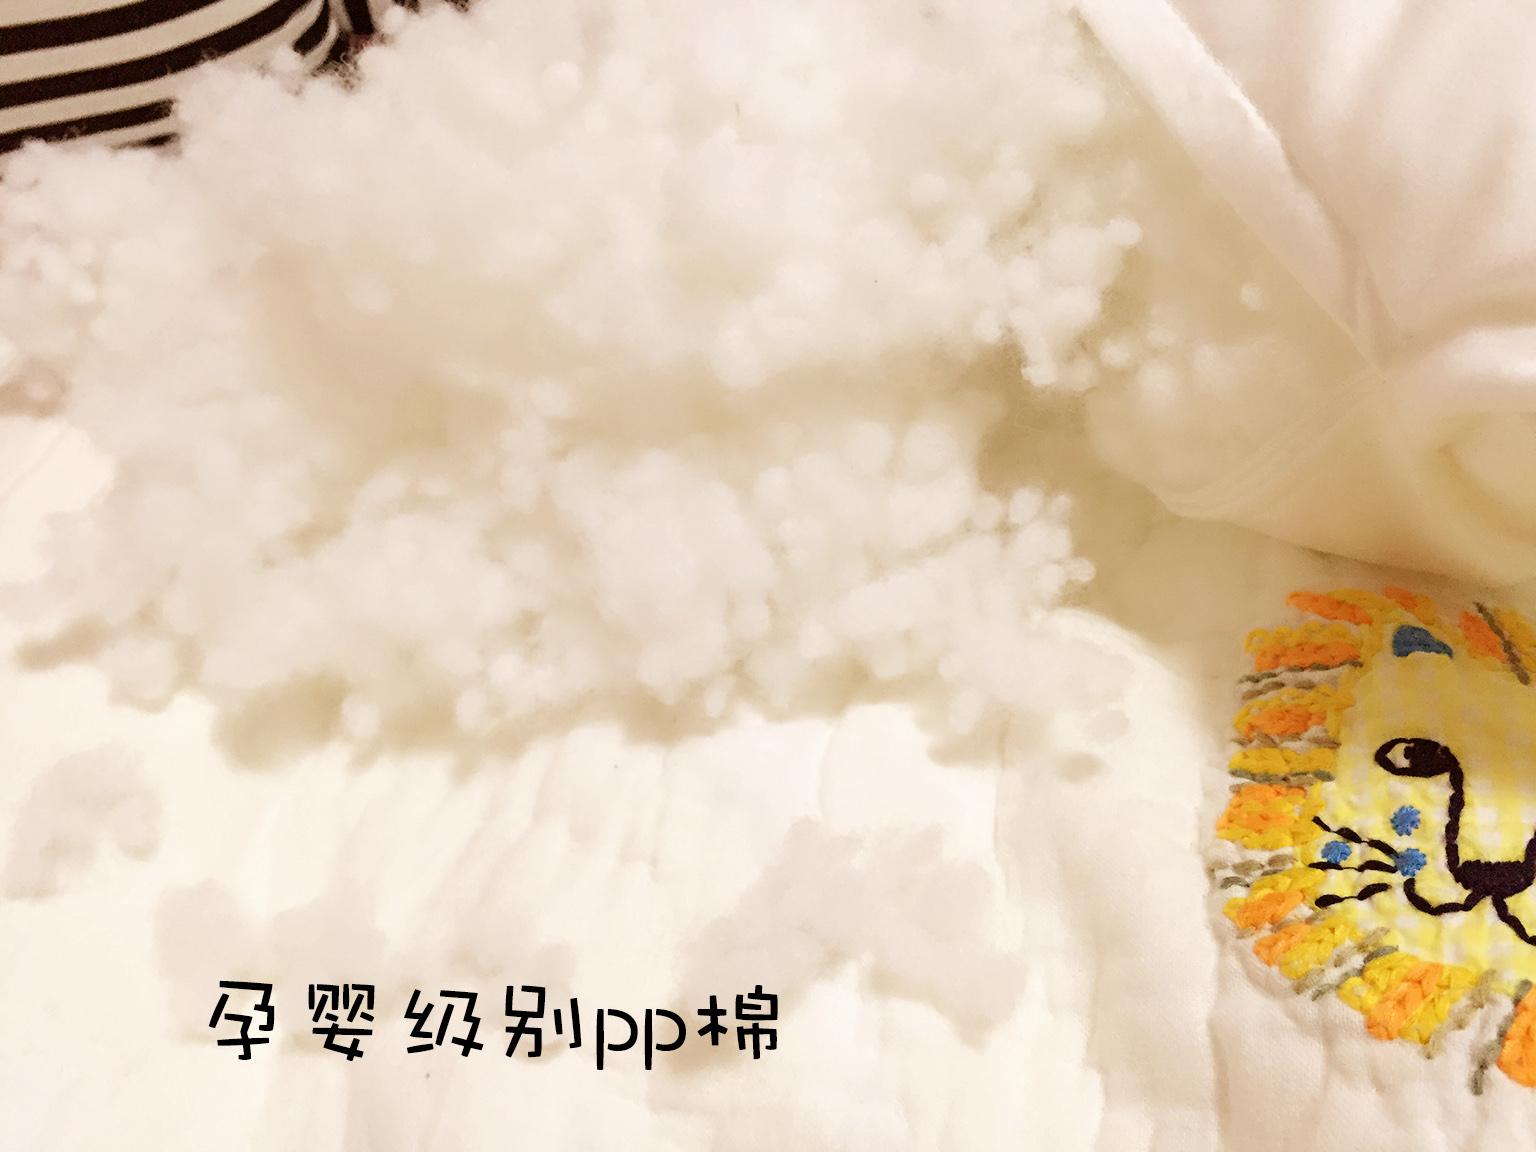 爆項ins北欧イケアスタイル児童添い寝抱き枕で雲綿抱き枕ソファベッドクッションのクッション